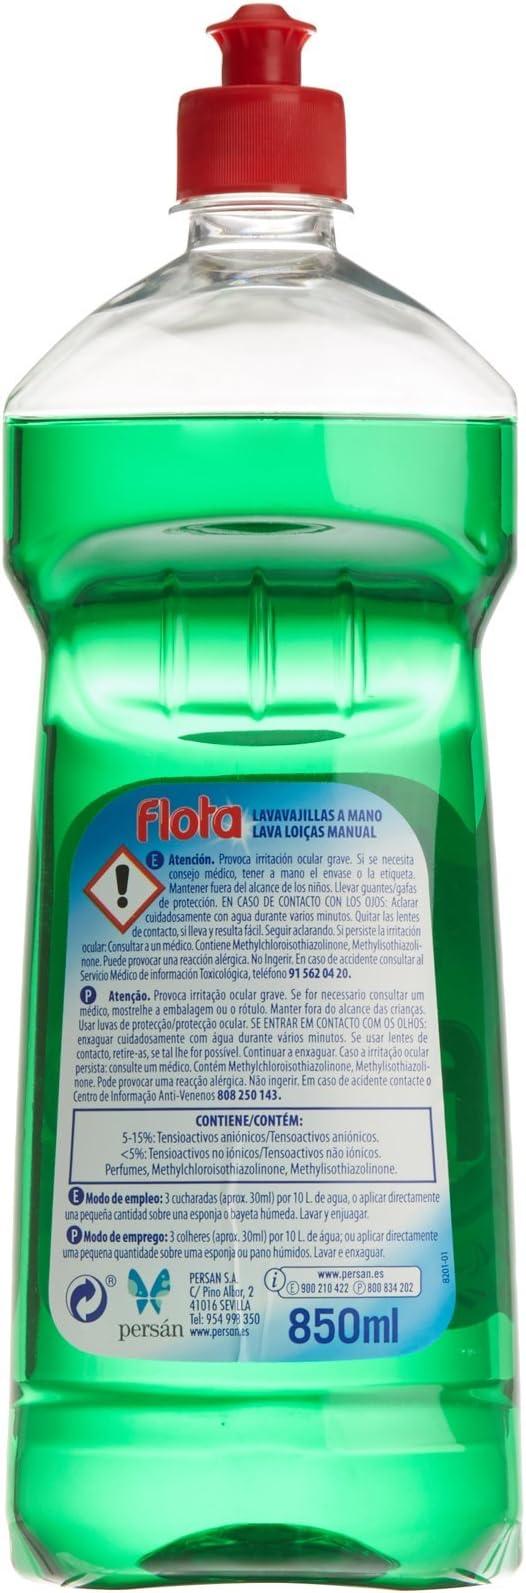 Flota - Lavavajillas Liquido a Mano - 850 ml: Amazon.es ...